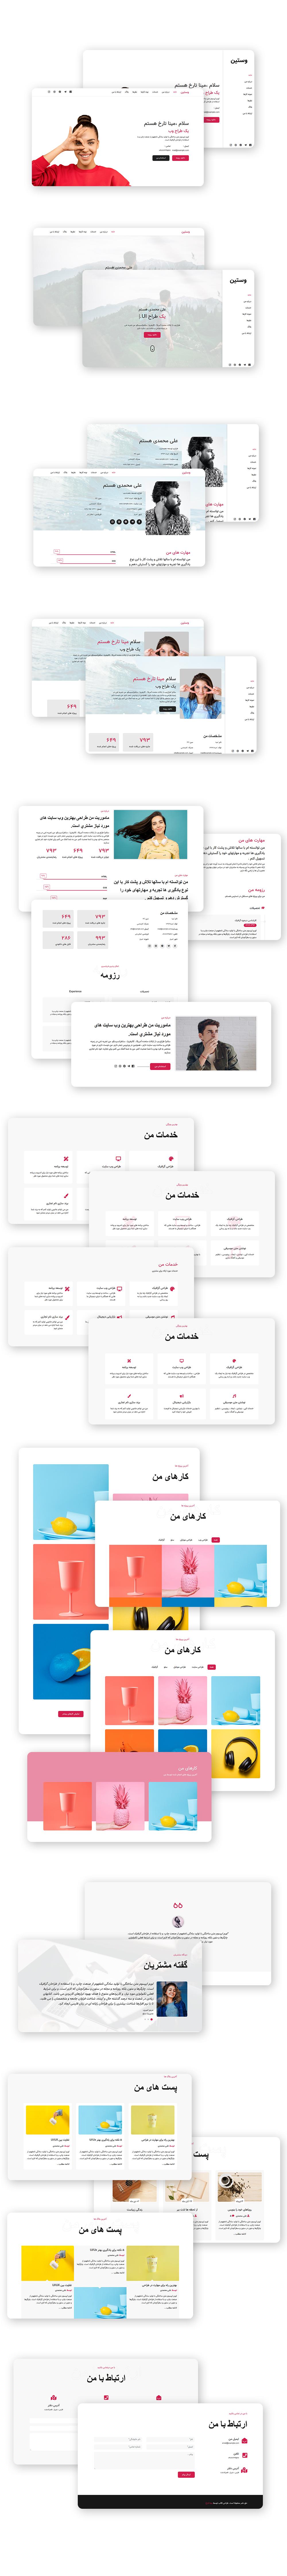 معرفی قالب Westin |پوسته HTML شخصی و رزومهو نمونه کار وستین